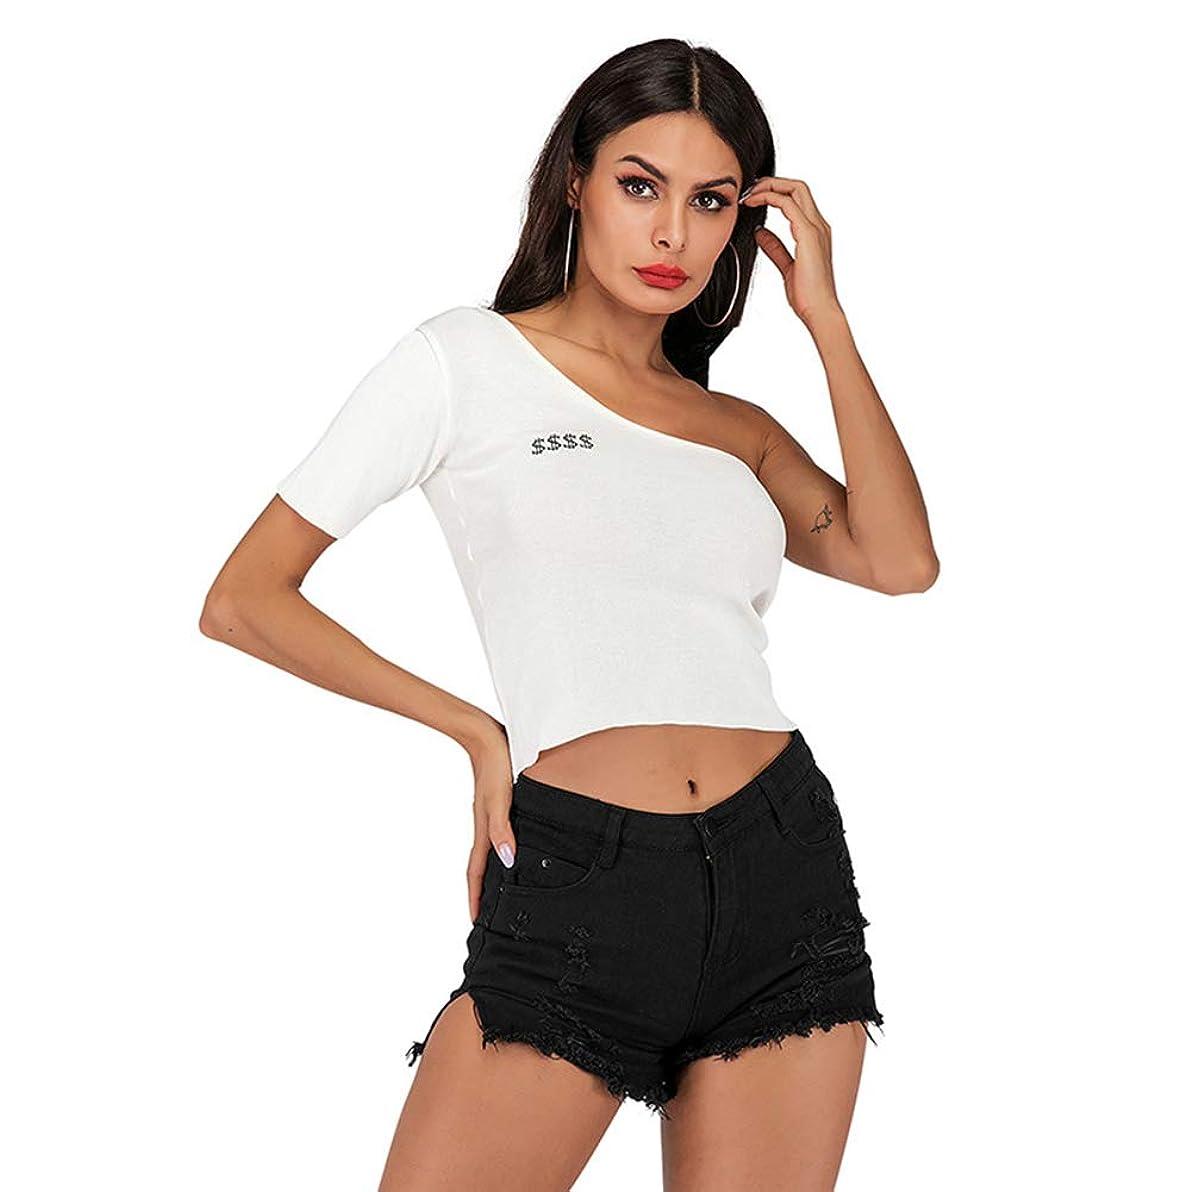 透ける破産代わりにスリムフィットのファッション女性の半袖、多目的、ニット刺繍、セクシーな斜めカラーのオフショルダーTシャツ,L